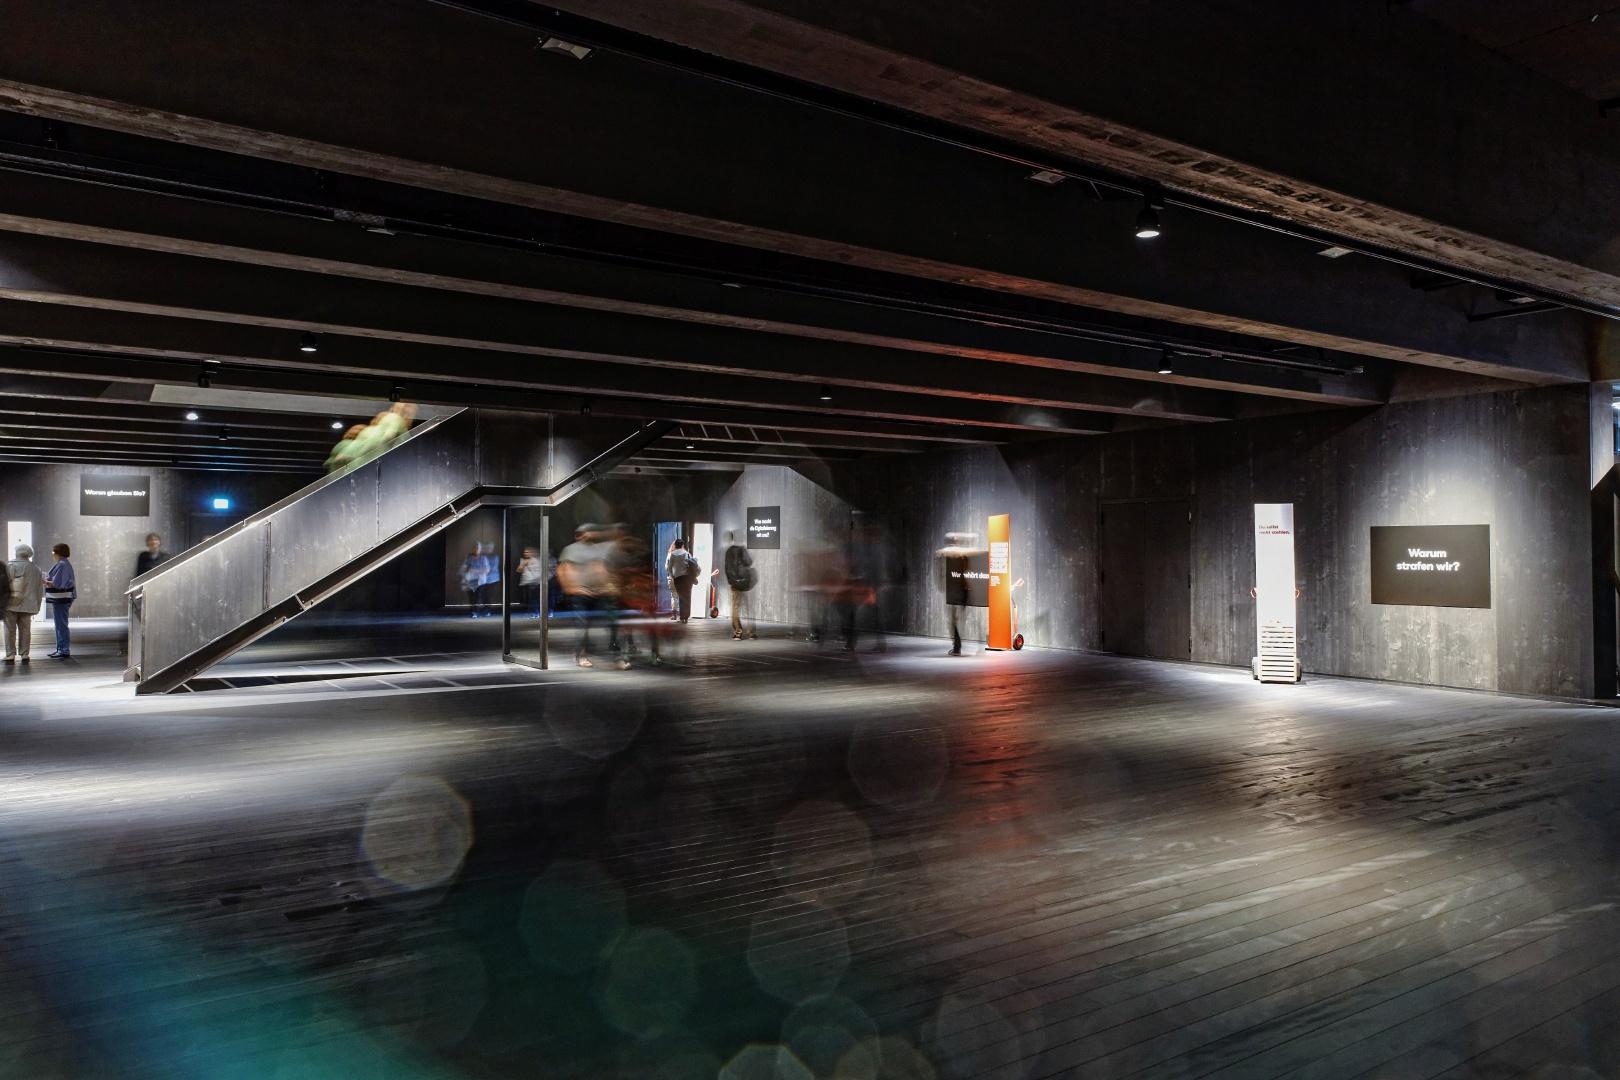 Eine flexibel im Deckenraster anzuordnender Treppenlauf lässt zusätzlich mehrere Varianten für einen zweigeschossigen Ausstellungsparcour mit maximal 1500 Quadratmetern Ausstellungsfläche zu.  © Pressebilder Stapferhaus